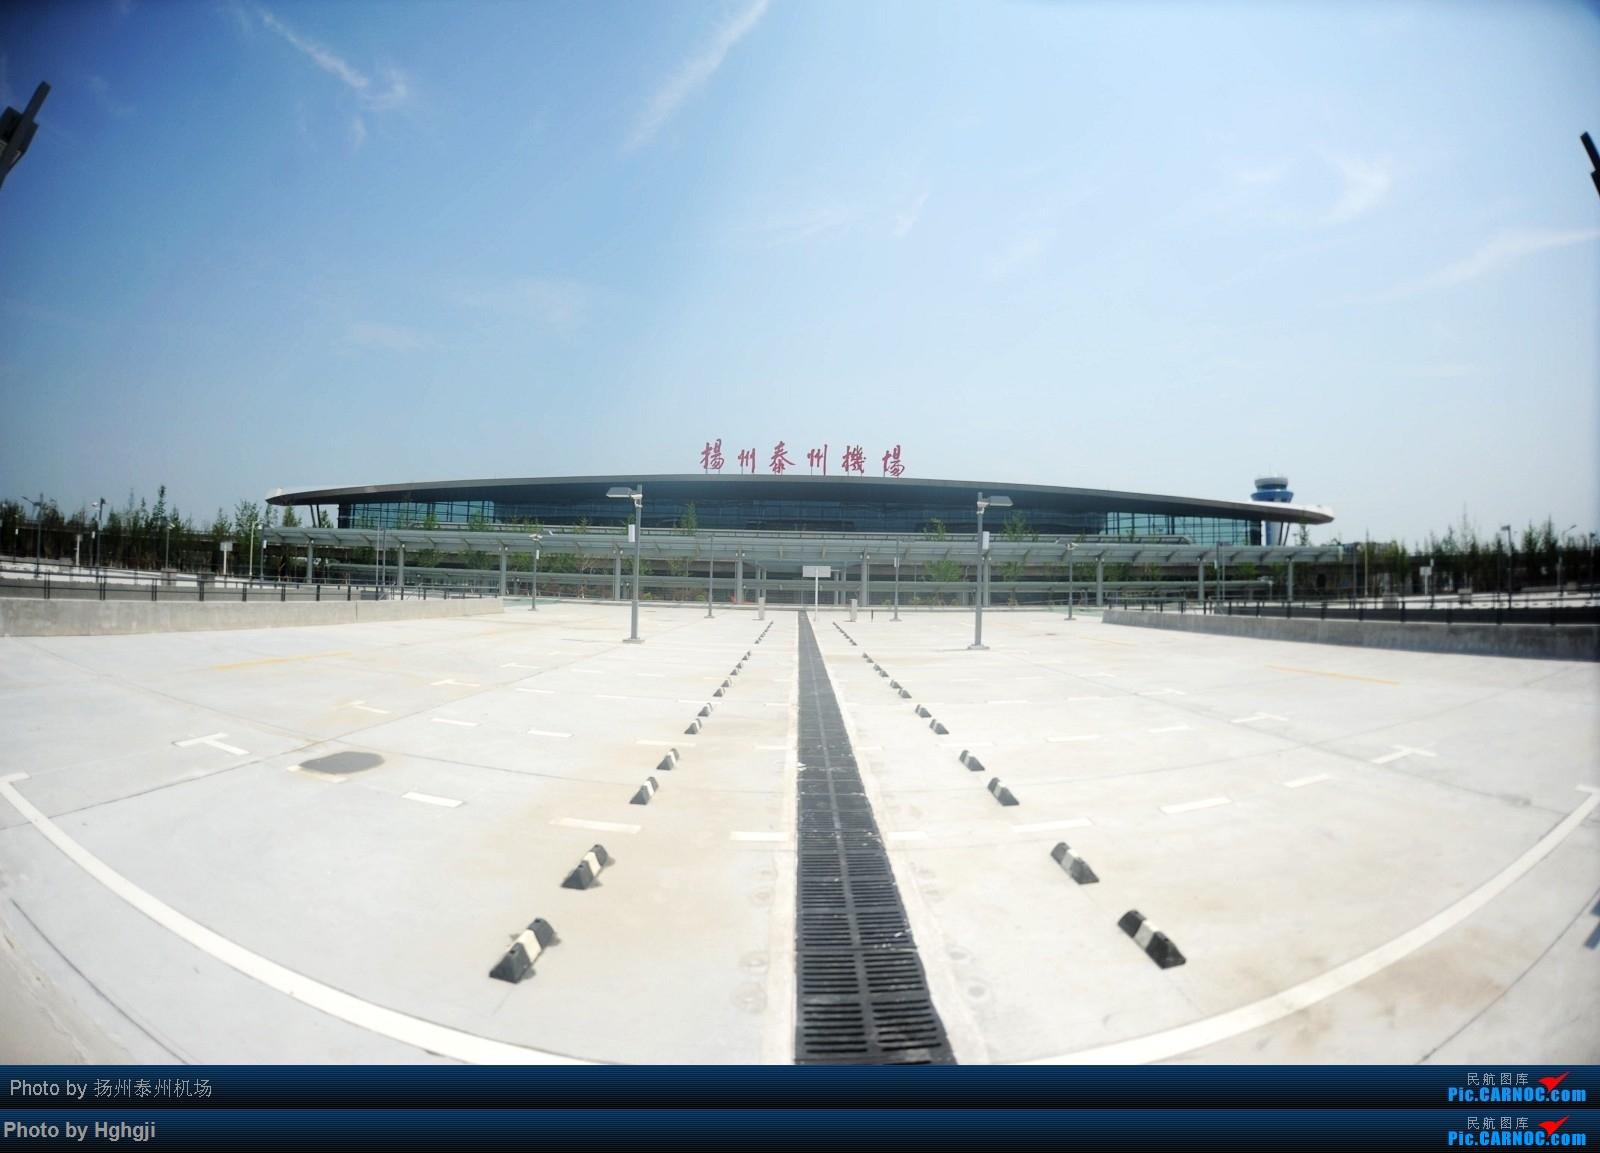 Re:[求]跪求各城市机场航站楼醒目标志LOGO照片,小弟在此谢过了。谢谢谢谢,赠送小飞机o